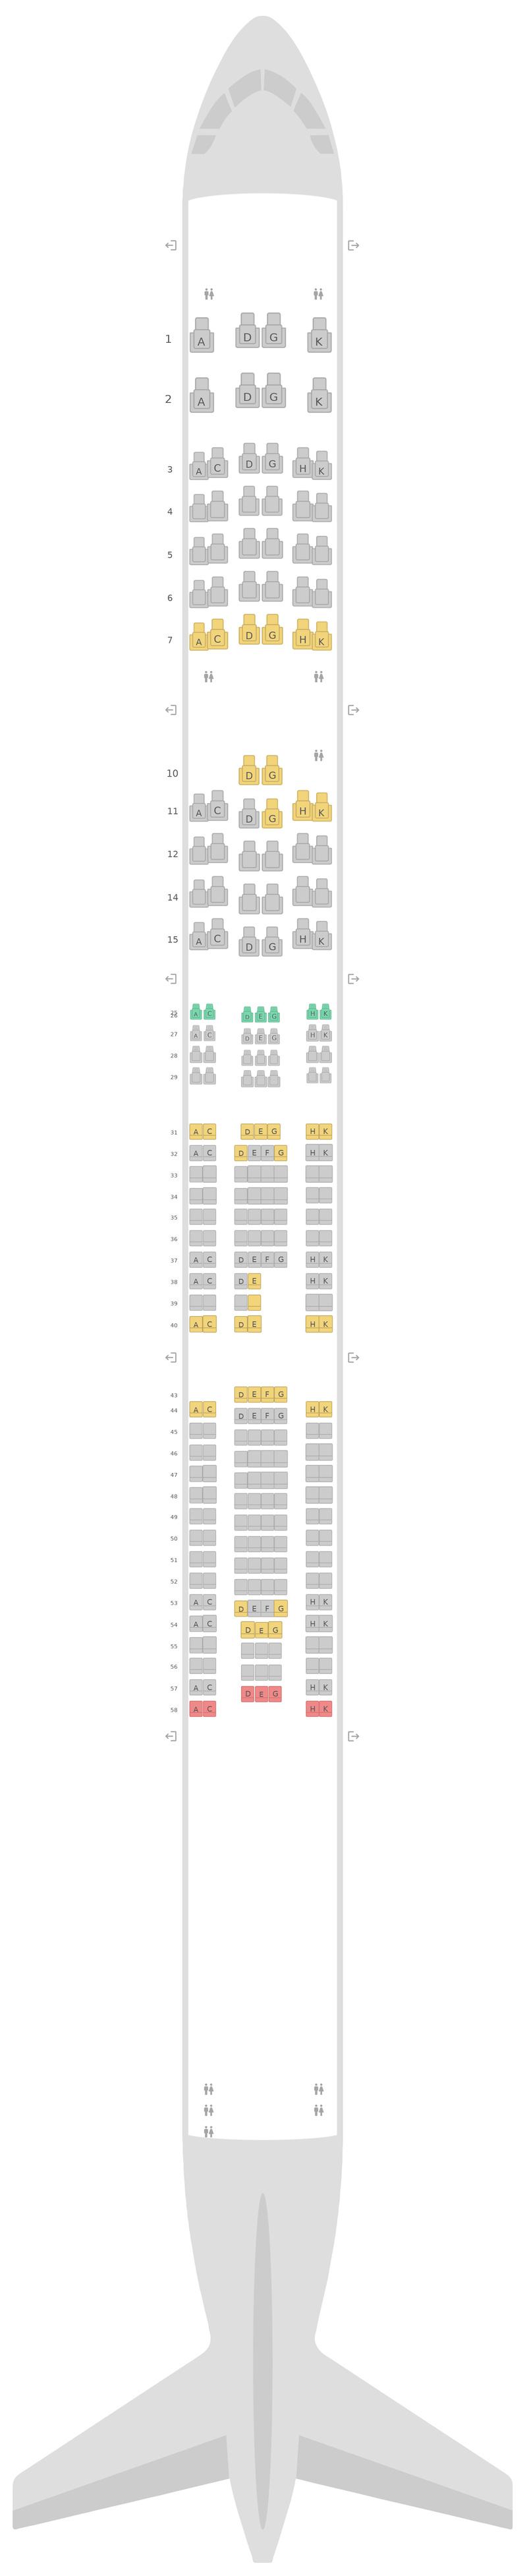 Mapa de asientos Airbus A340-600 (346) v2 Lufthansa